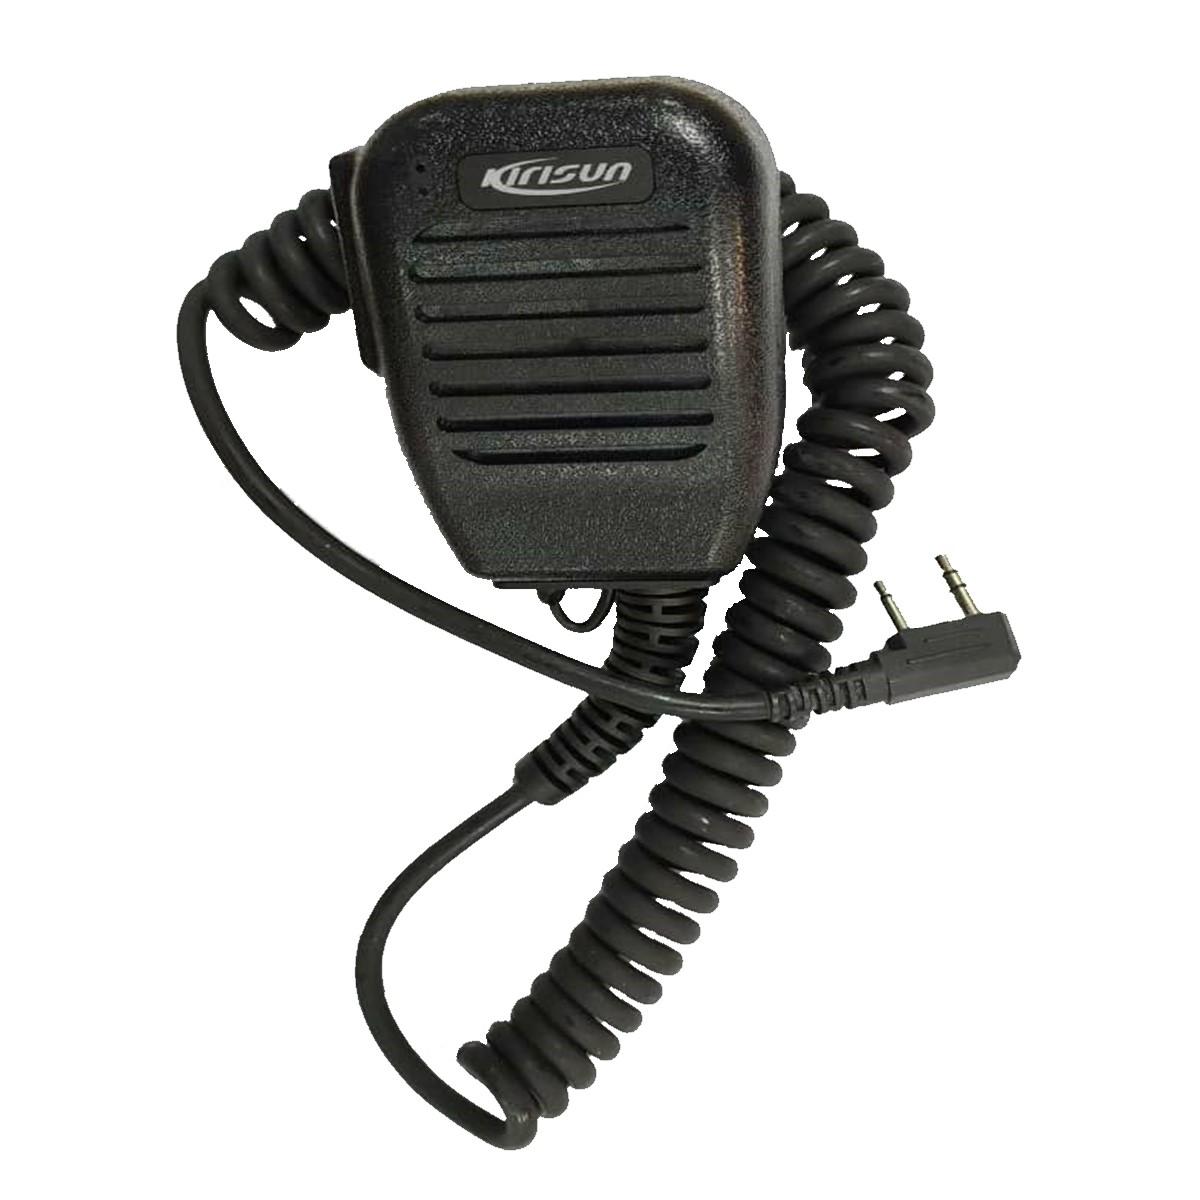 Micrófono Kirisun parlante de solapa KME-212